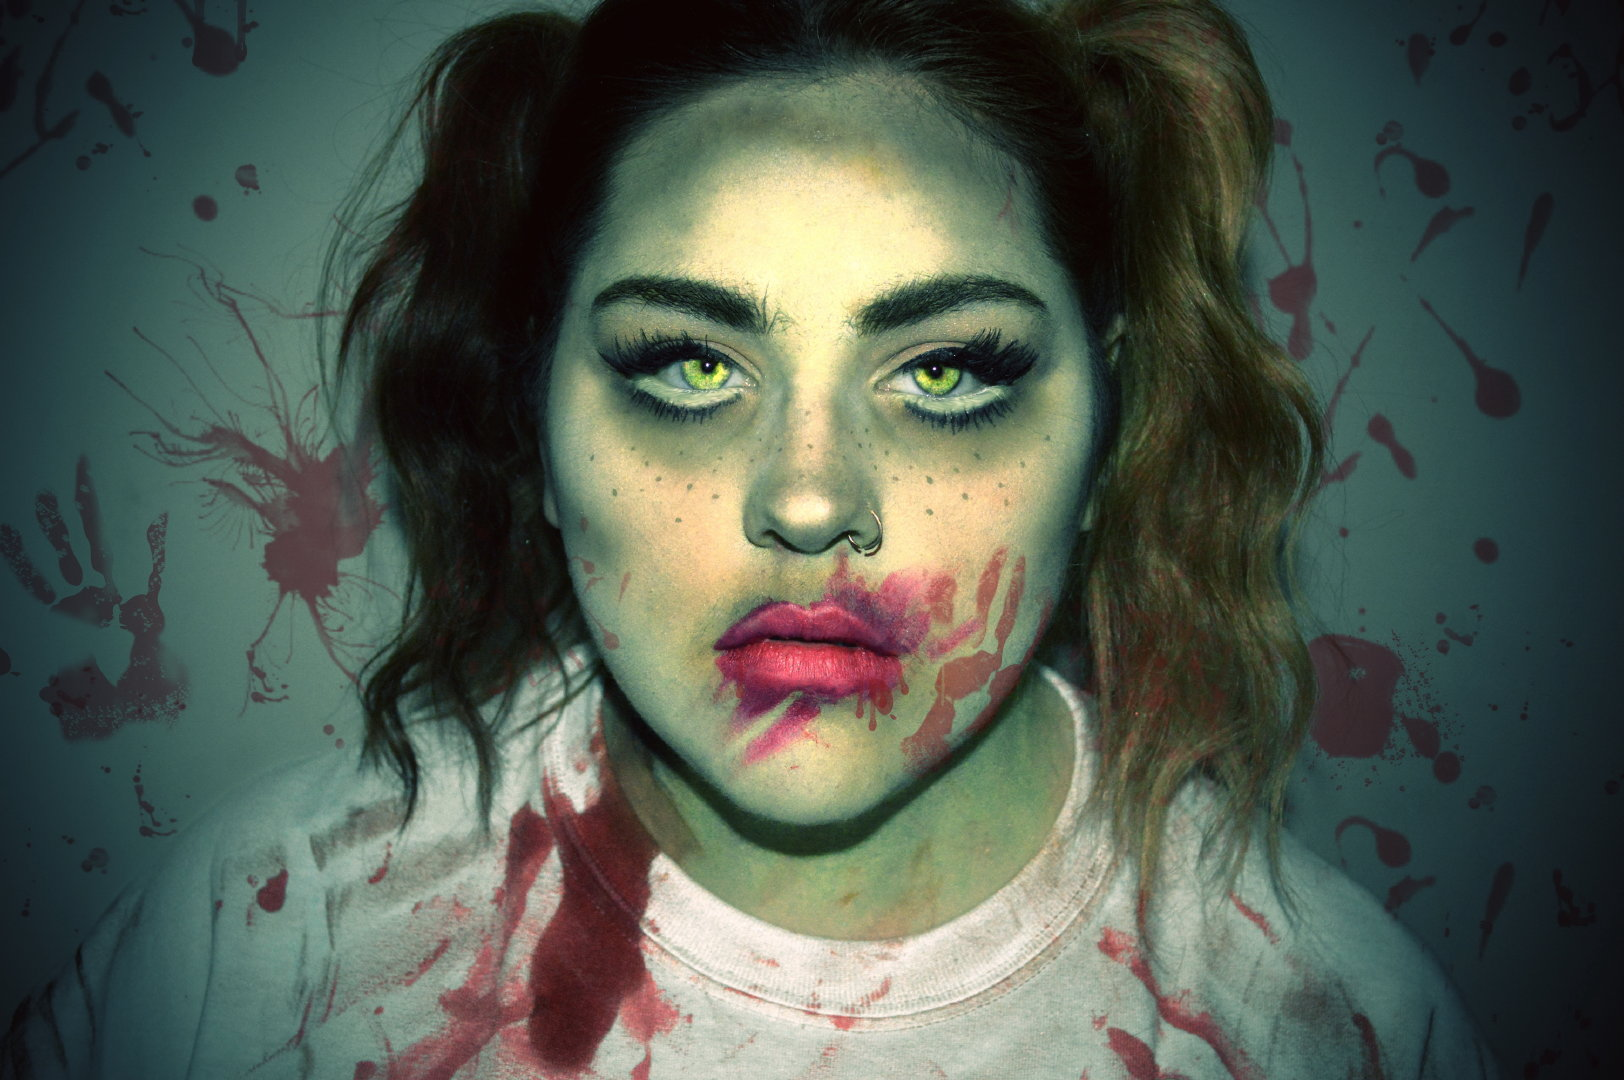 女孩恐怖妆容人体艺术摄影